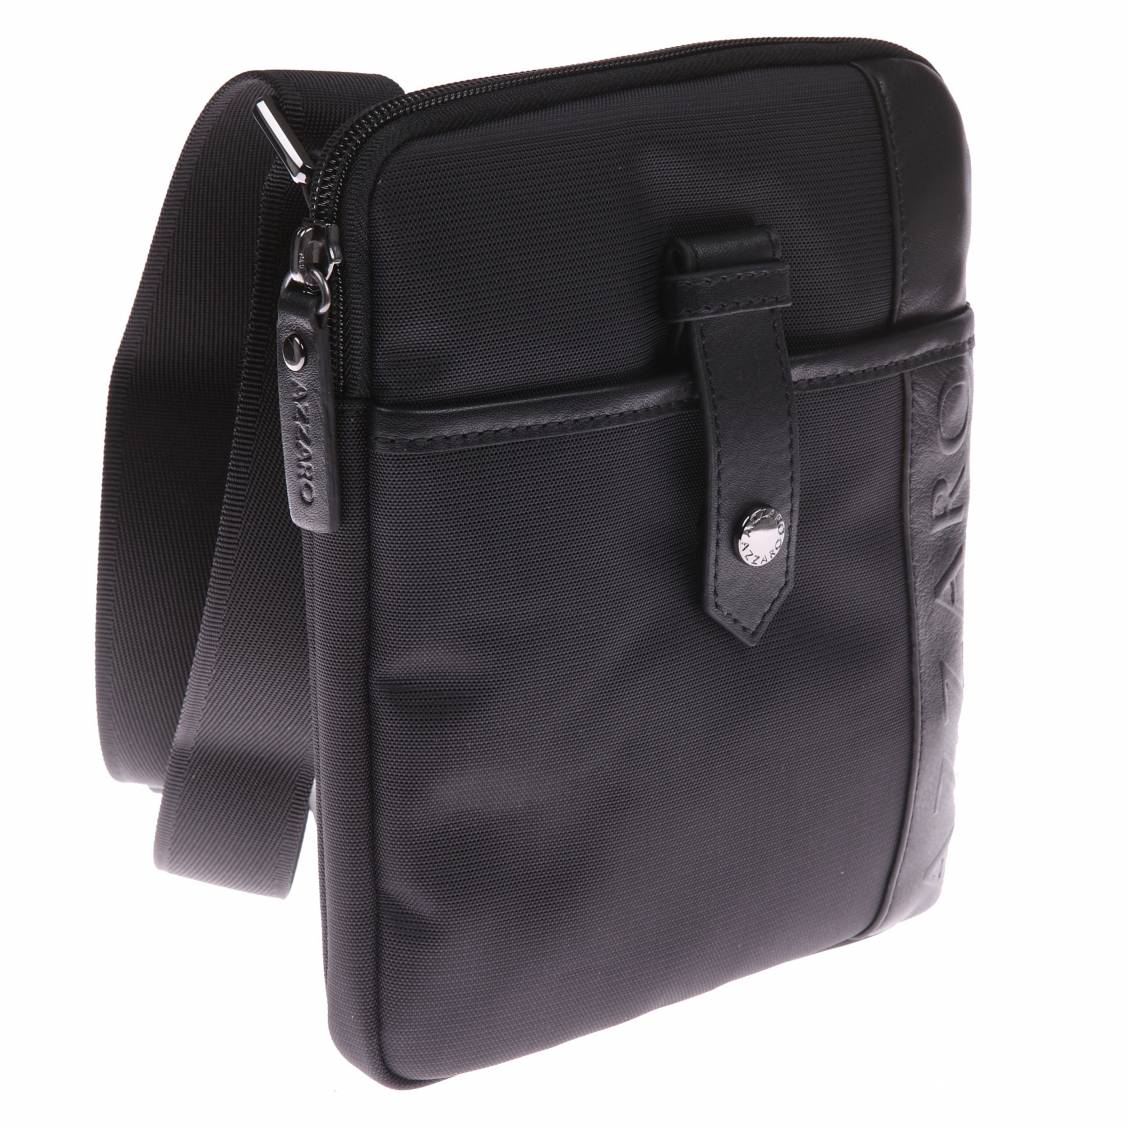 petite sacoche azzaro noire en toile garnie de cuir rue des hommes. Black Bedroom Furniture Sets. Home Design Ideas